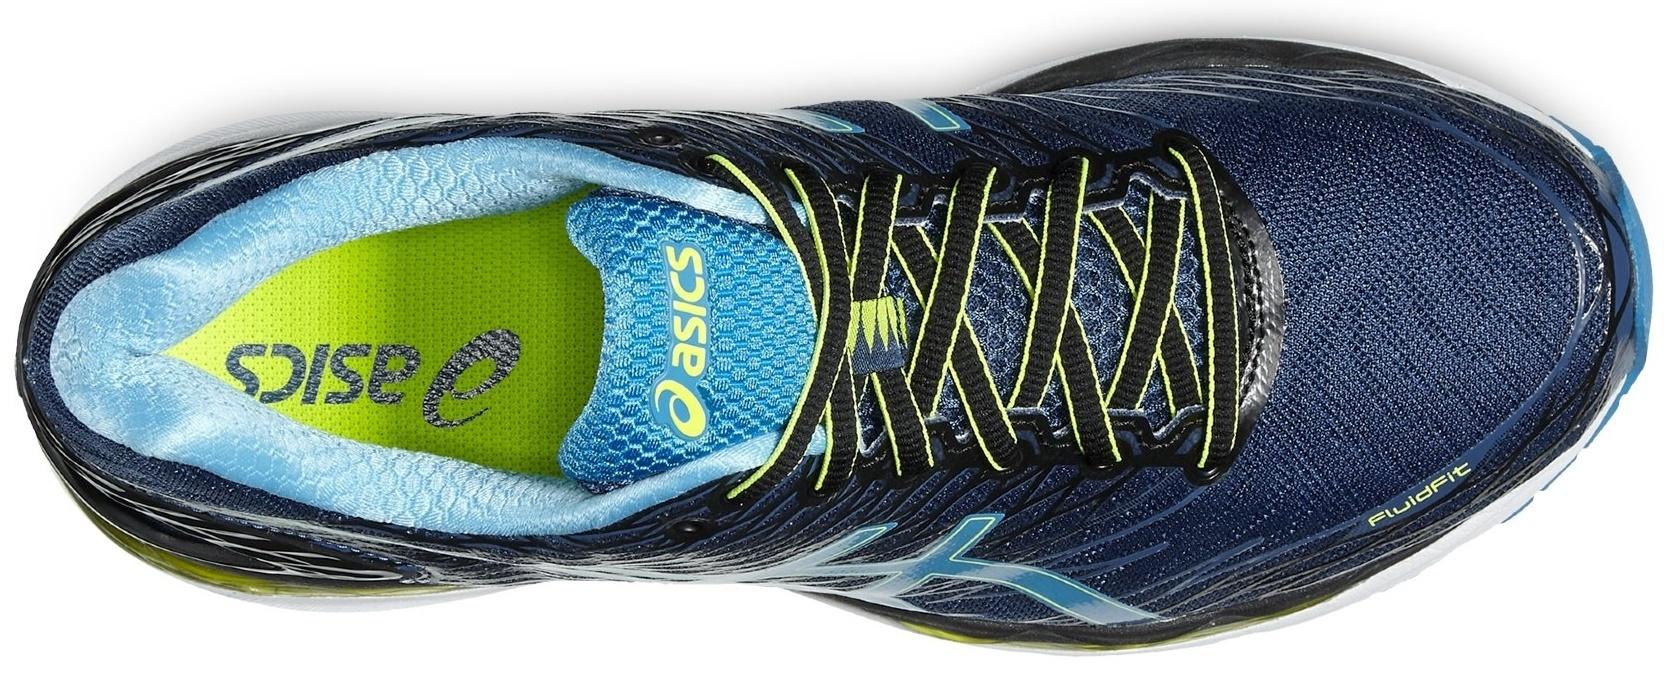 Мужские кроссовки для бега Asics Gel-Nimbus 18 T600N 5843 интернет-магазин